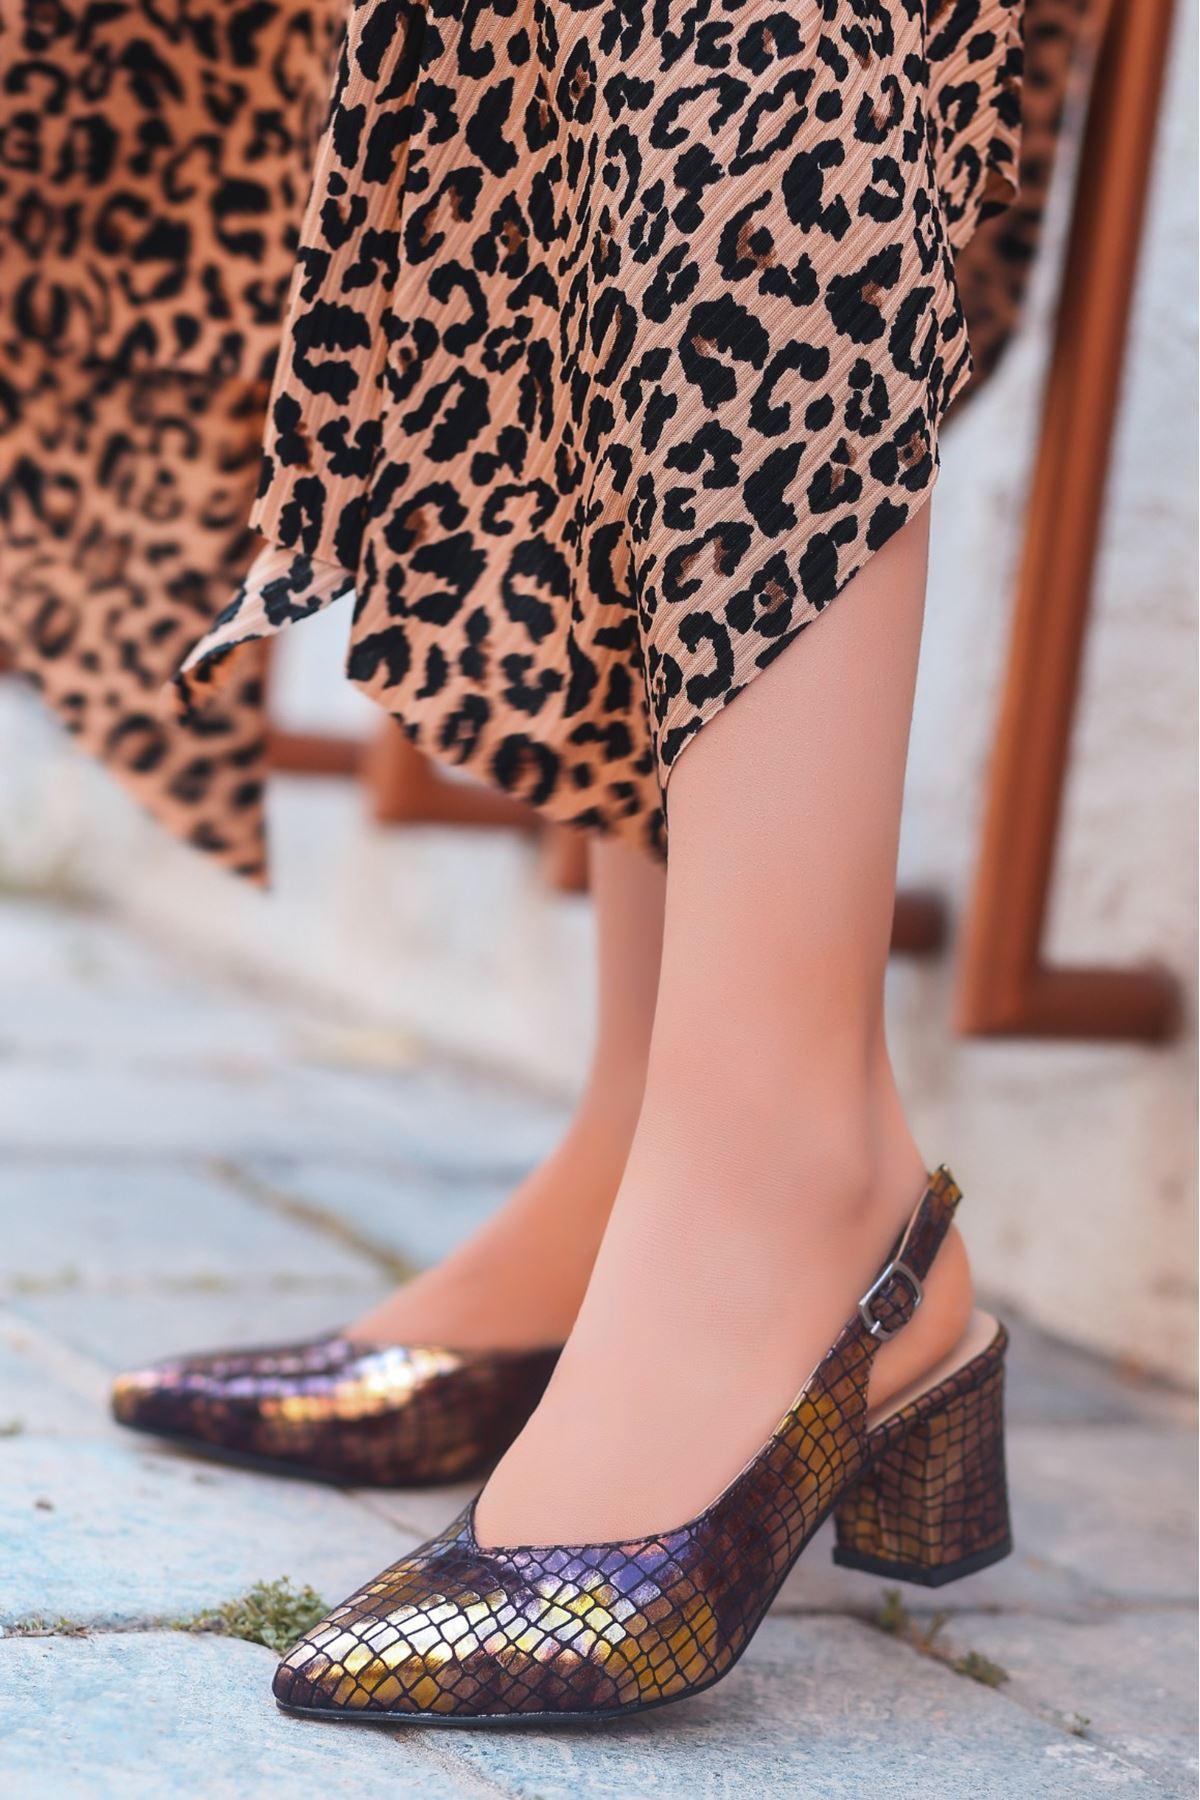 Ziko Kahverengi Cilt Yılan Desenli Topuklu Ayakkabı